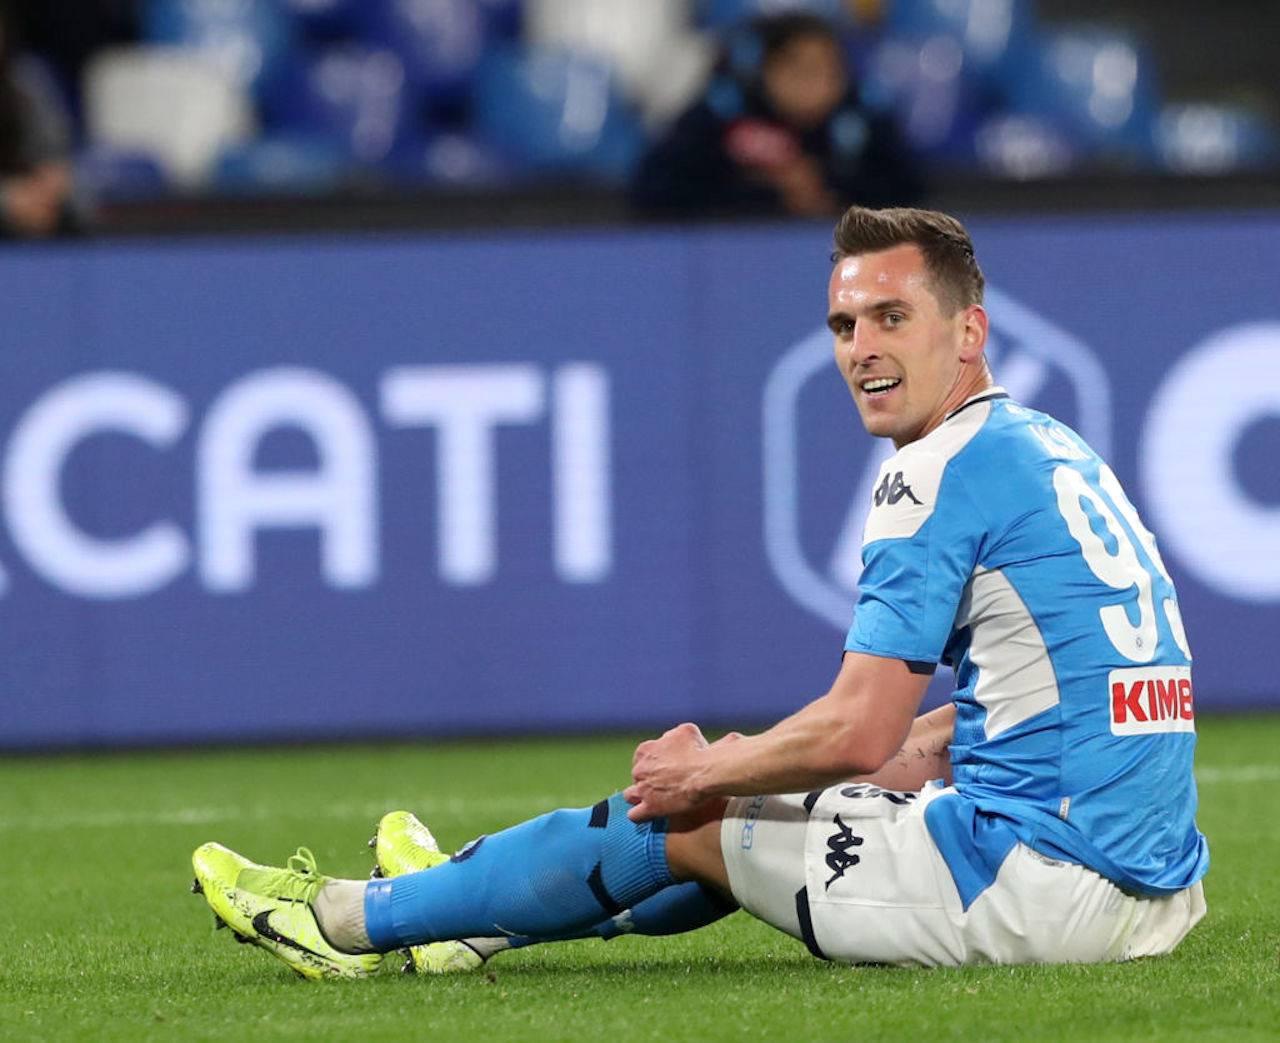 Calciomercato Napoli, addio Milik: il sostituto gioca nel Lille